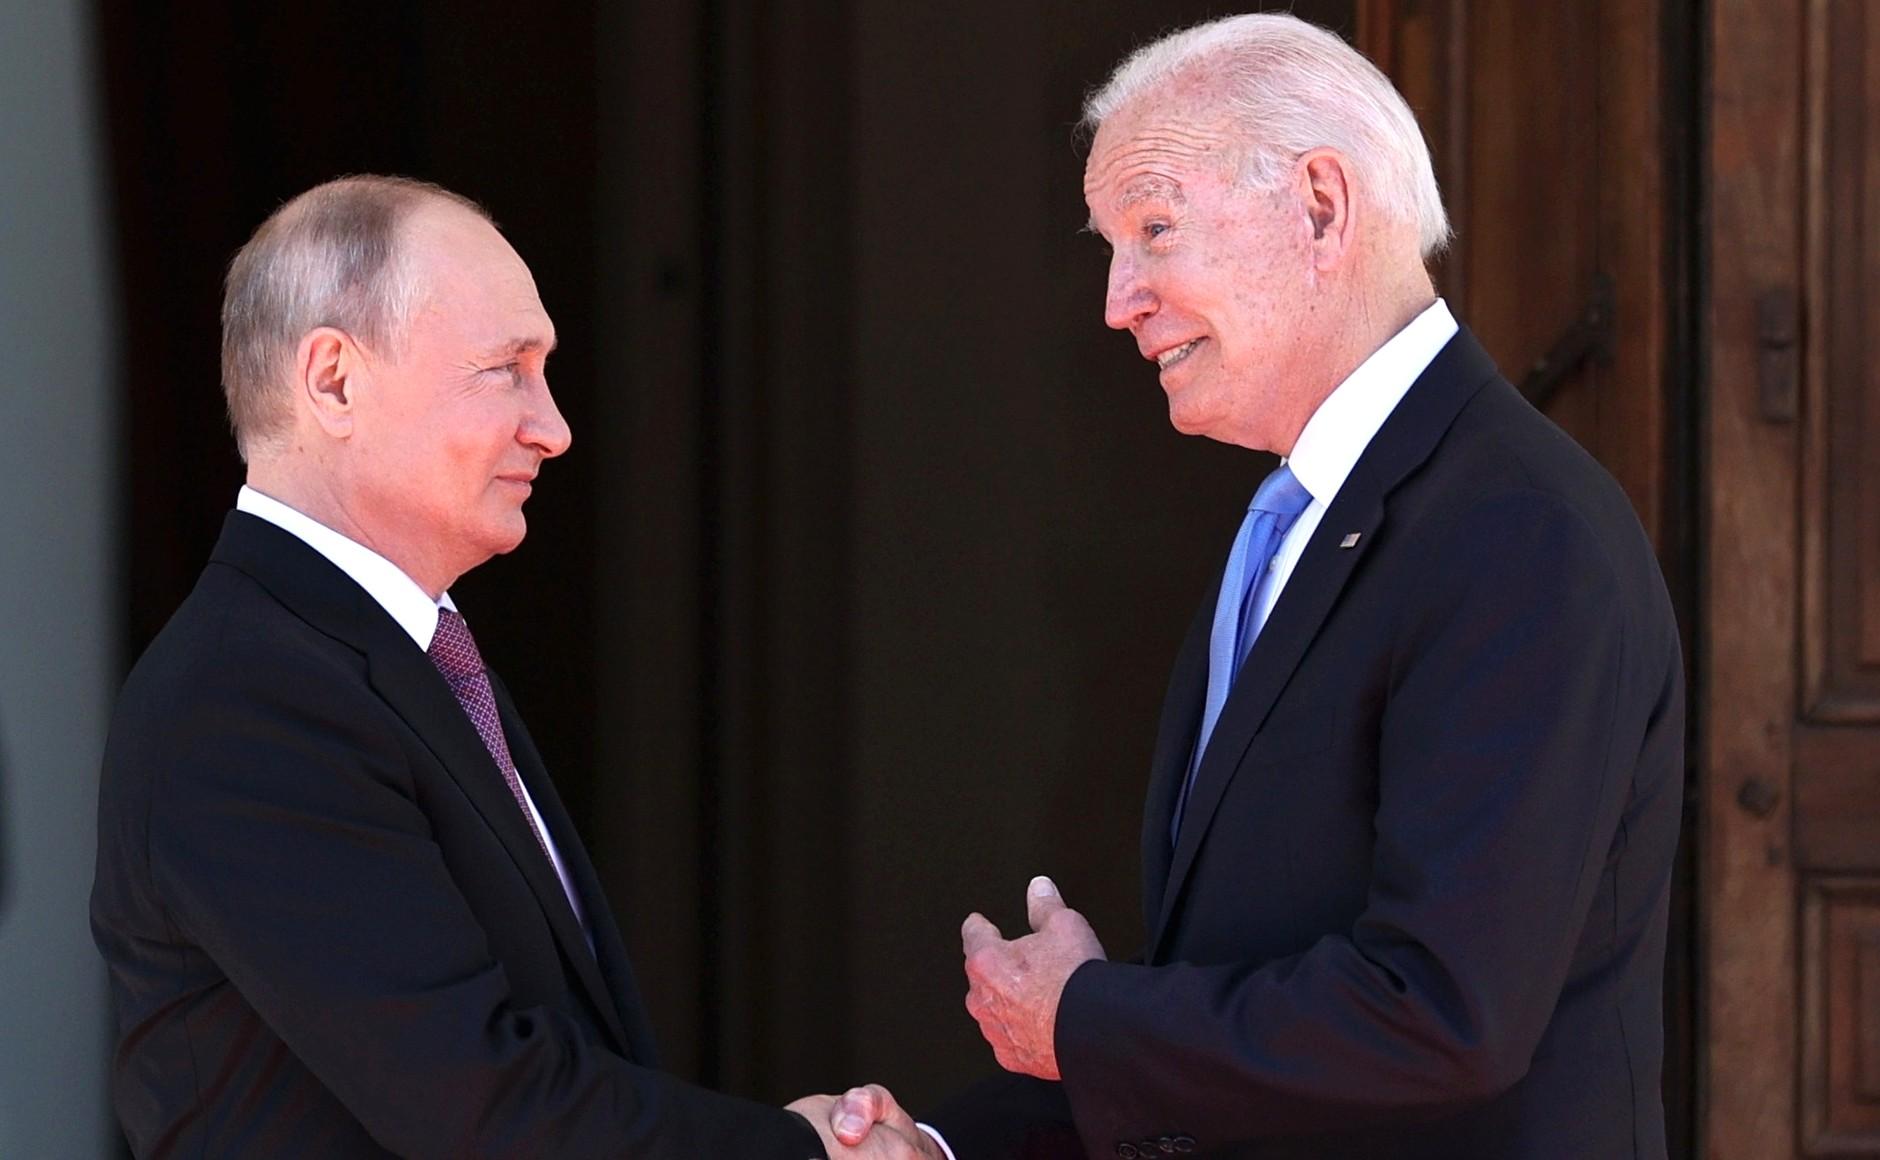 Байден заявил о реальной проблеме Путина